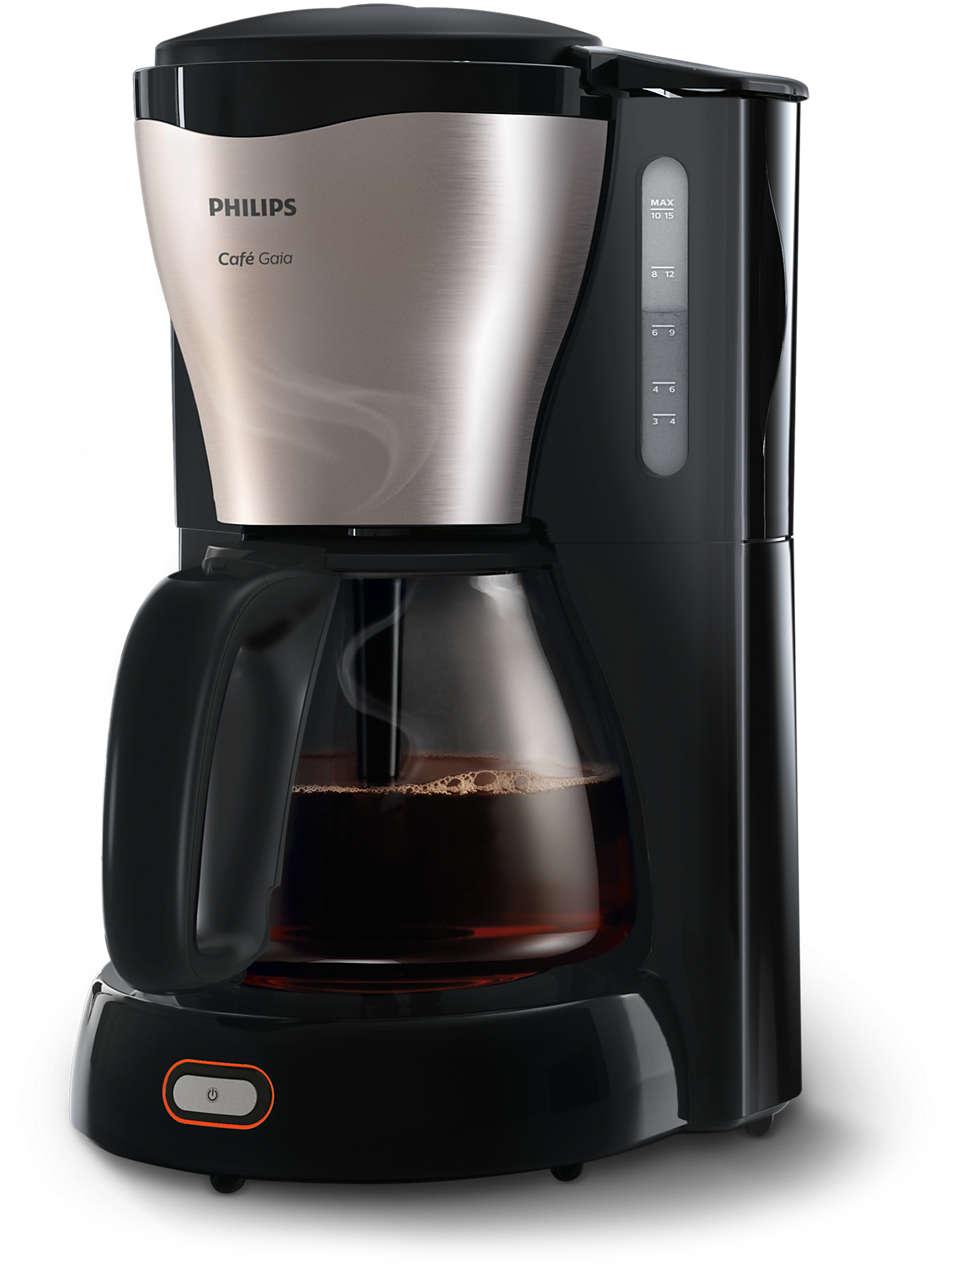 Cafea delicioasă şi fierbinte, cu designul nostru clasic